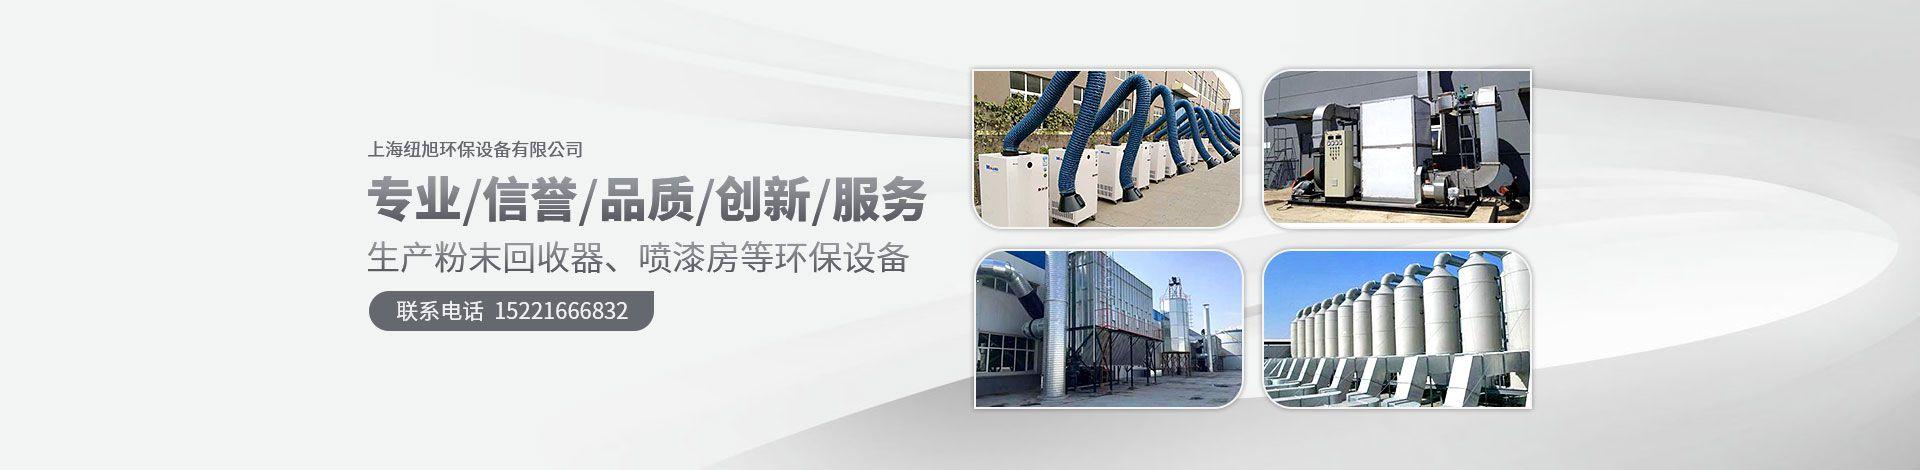 上海纽旭环保设备有限公司